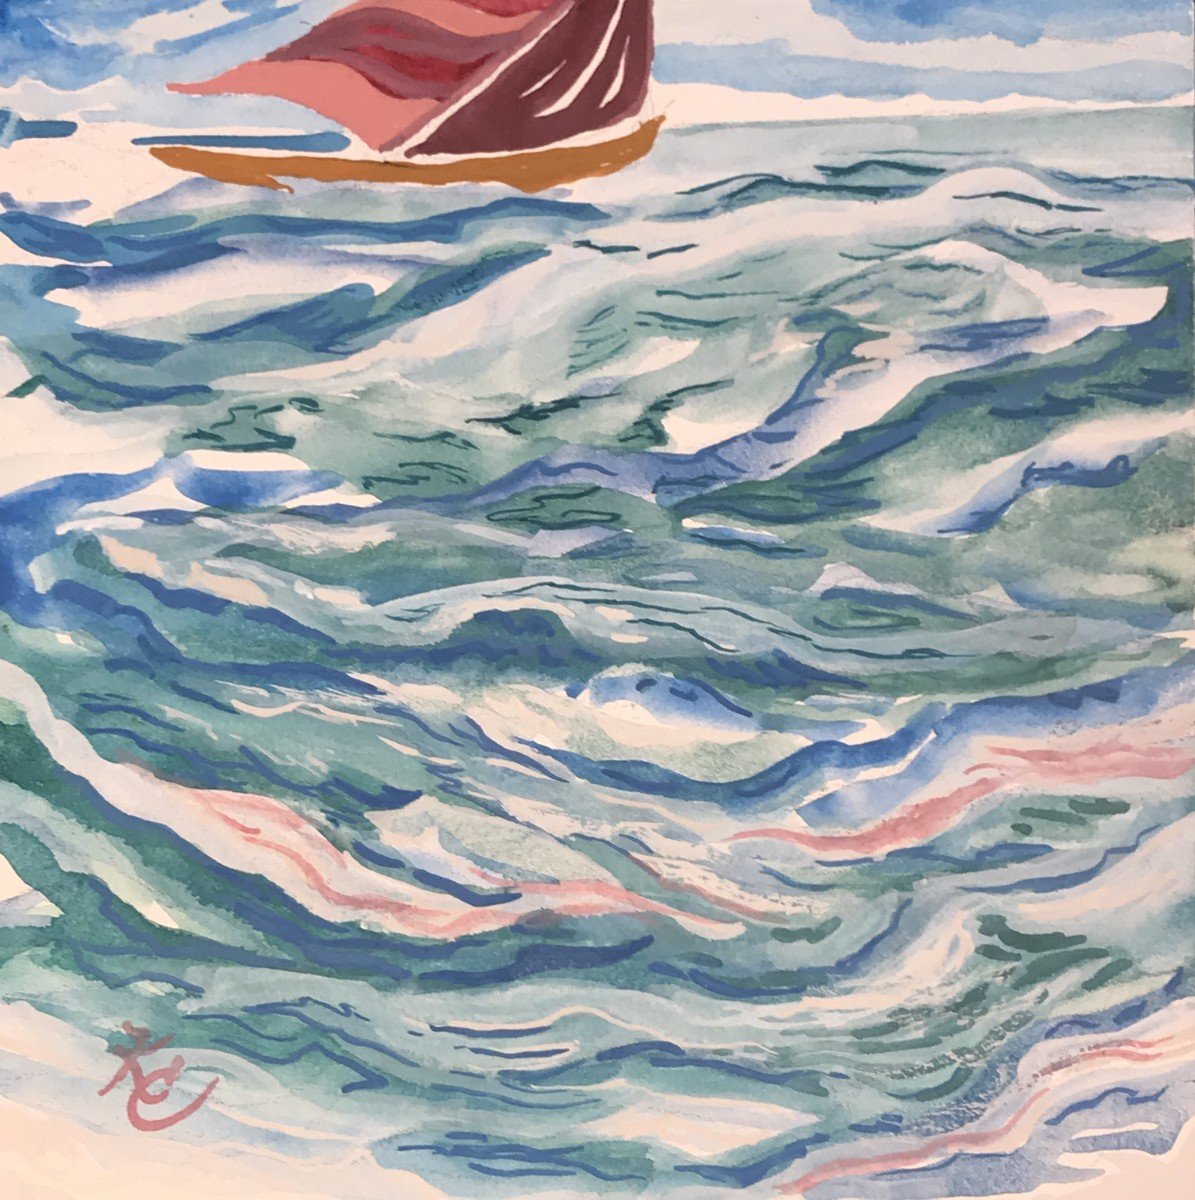 252 - Swimming in the Aquamarine